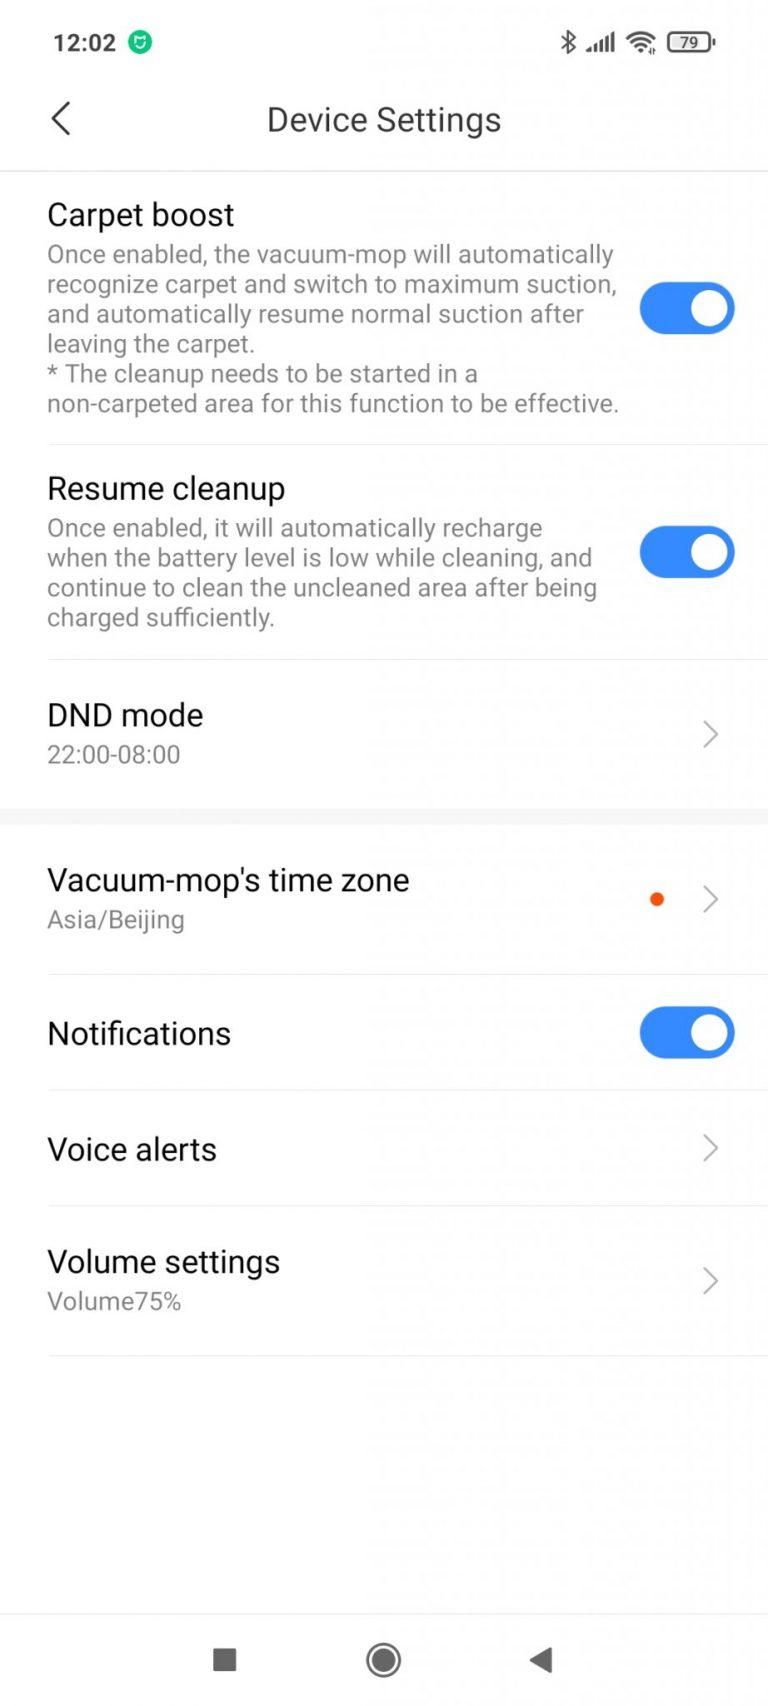 Xiaomi Vacuum-Mop 2 Pro+ robotporszívó tesztje 20